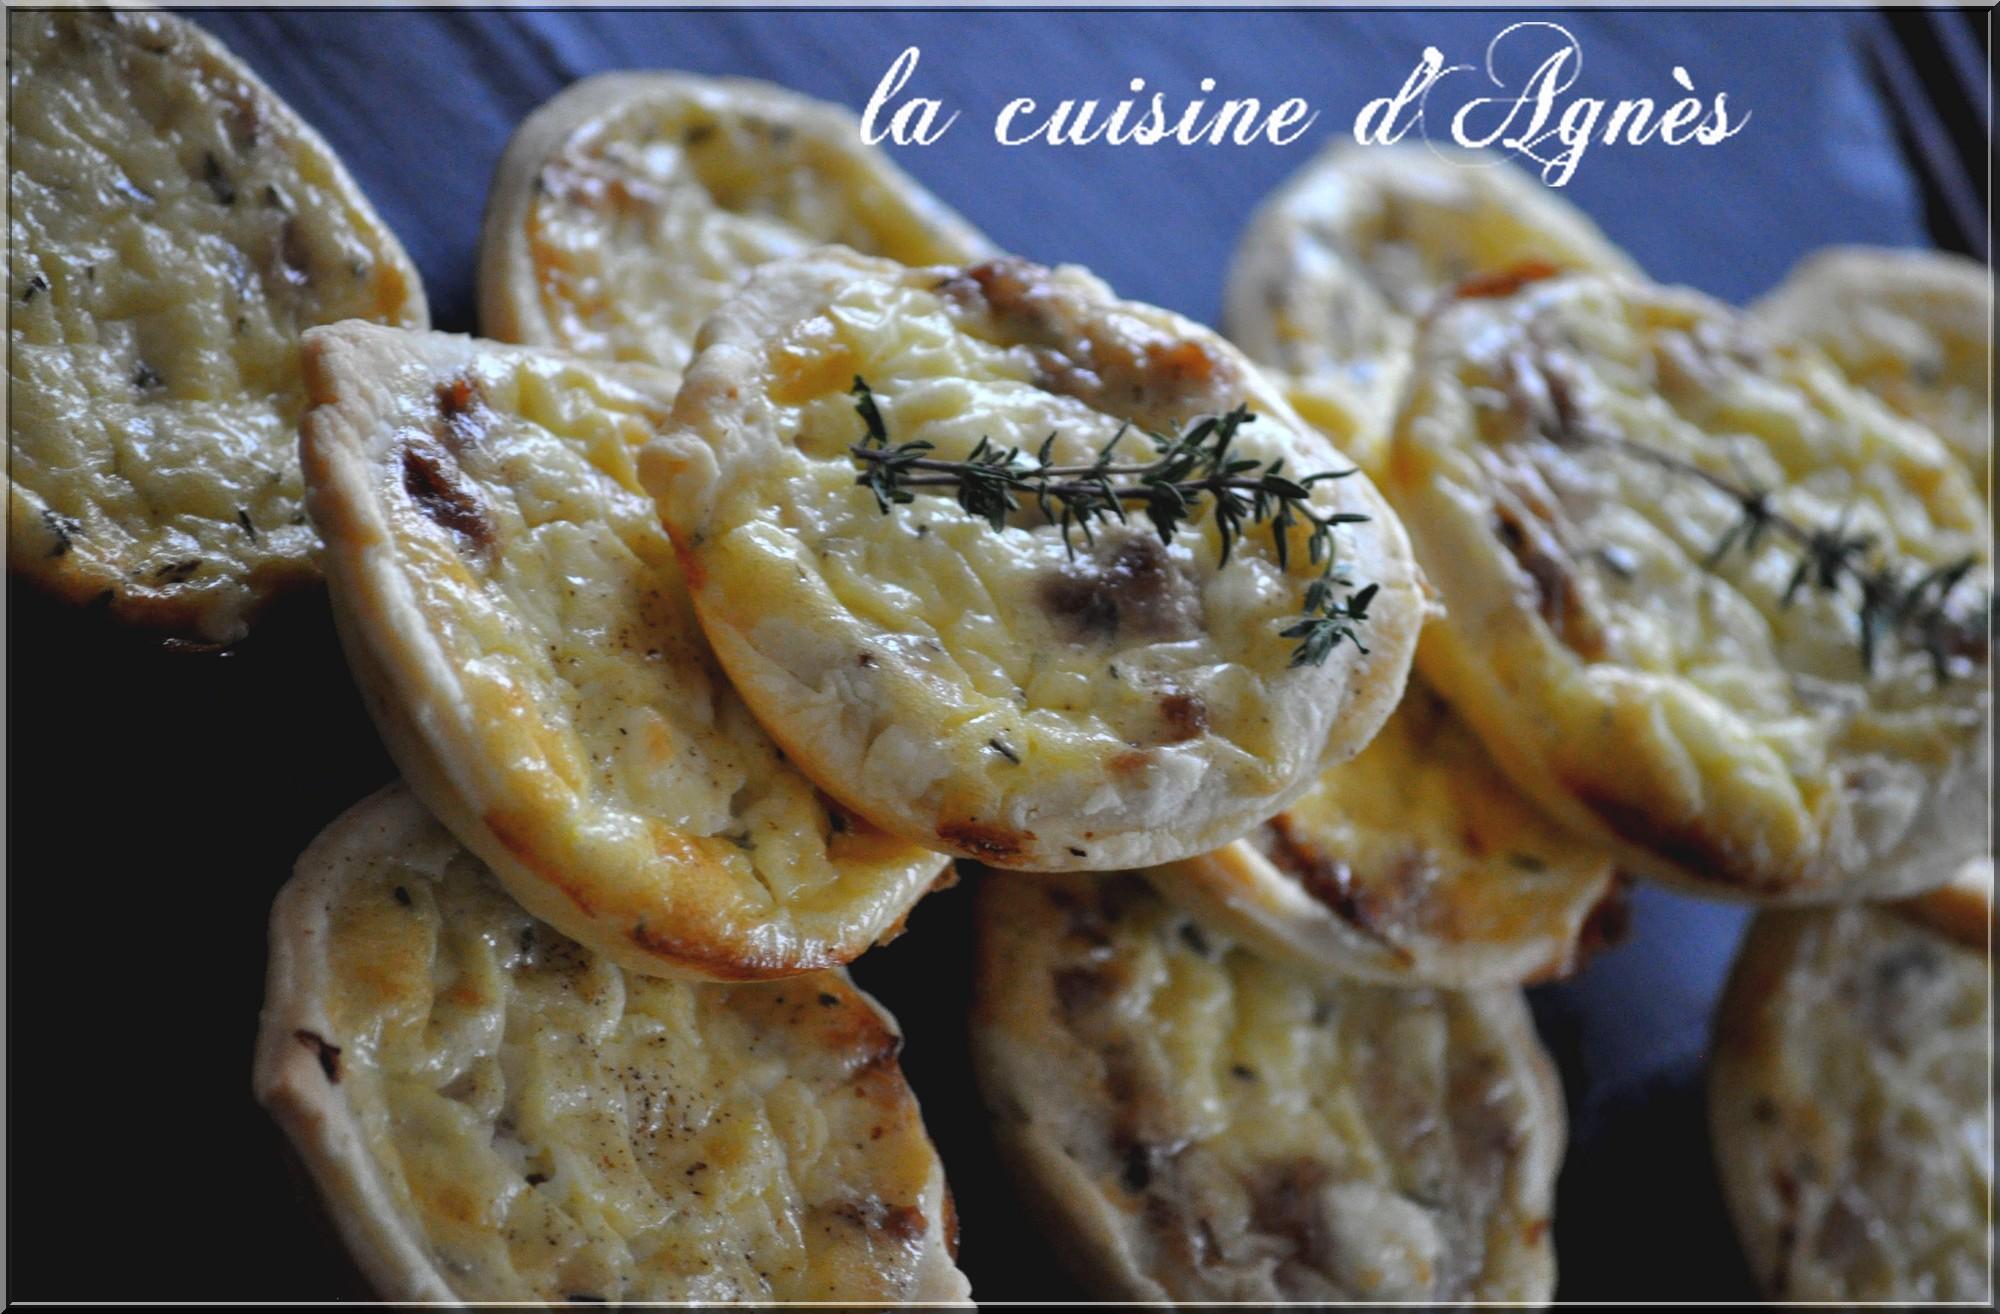 Cuisine Ikea Ou Brico Depot :  oignons rouges feta • La cuisine dagnèsLa cuisine dagnès